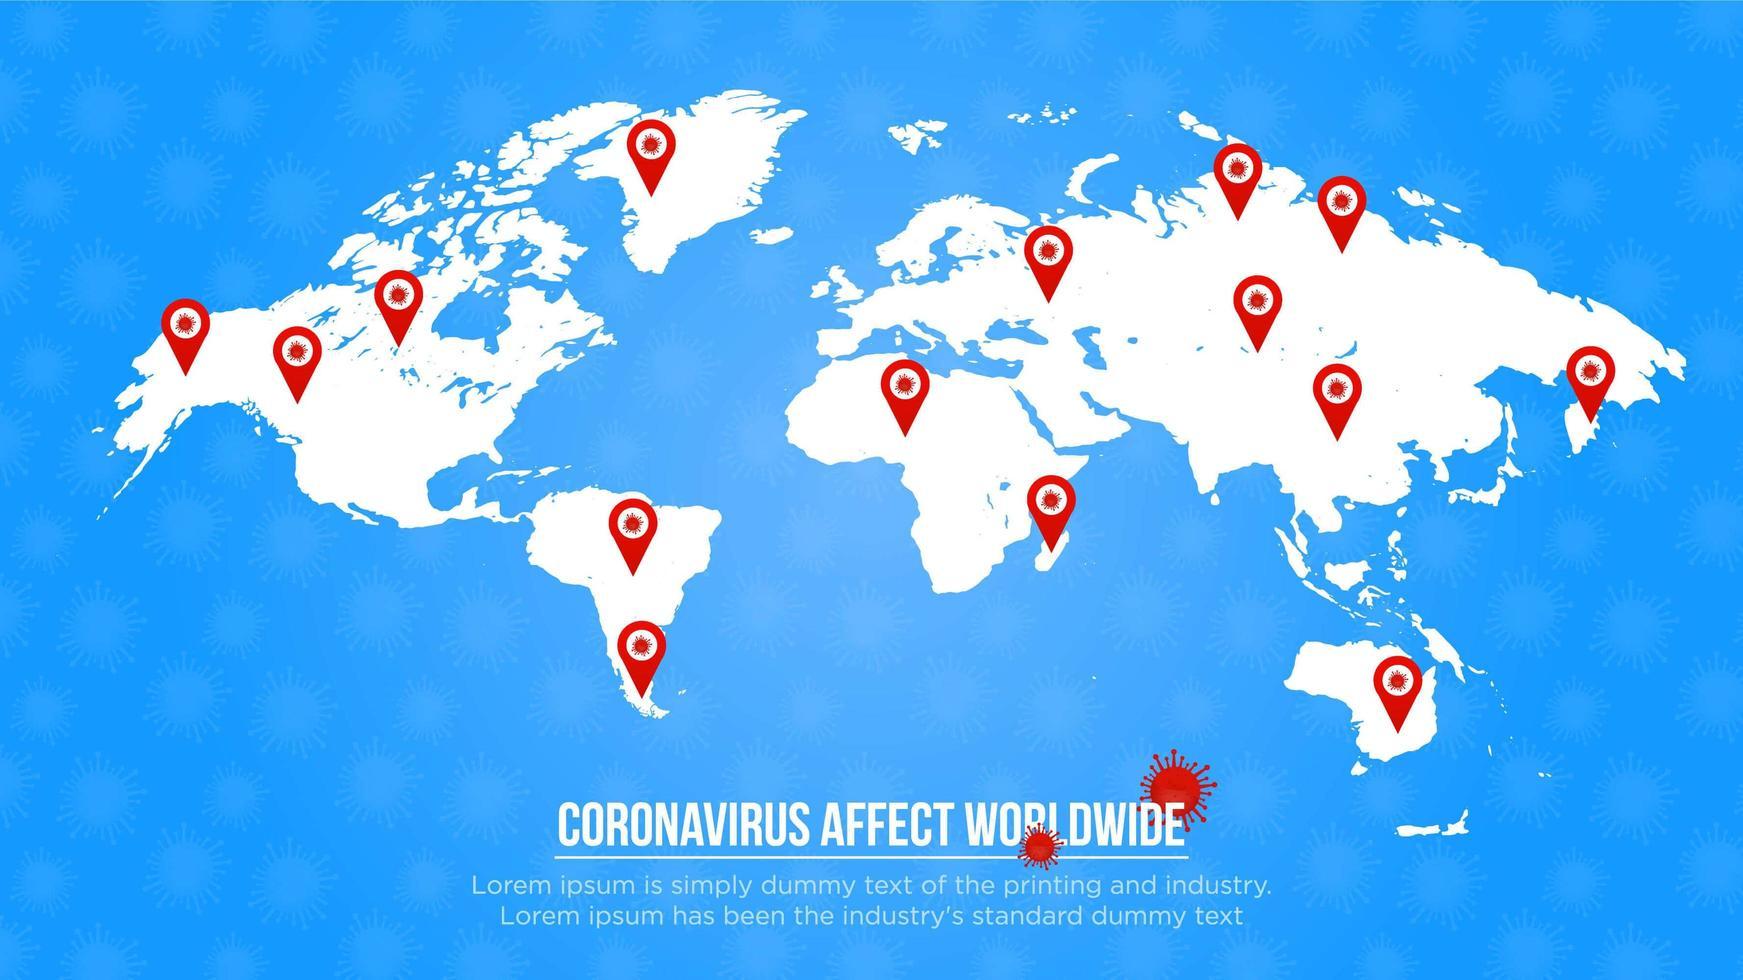 blauwe poster met door coronavirus aangetaste wereldlocatiepinnen vector